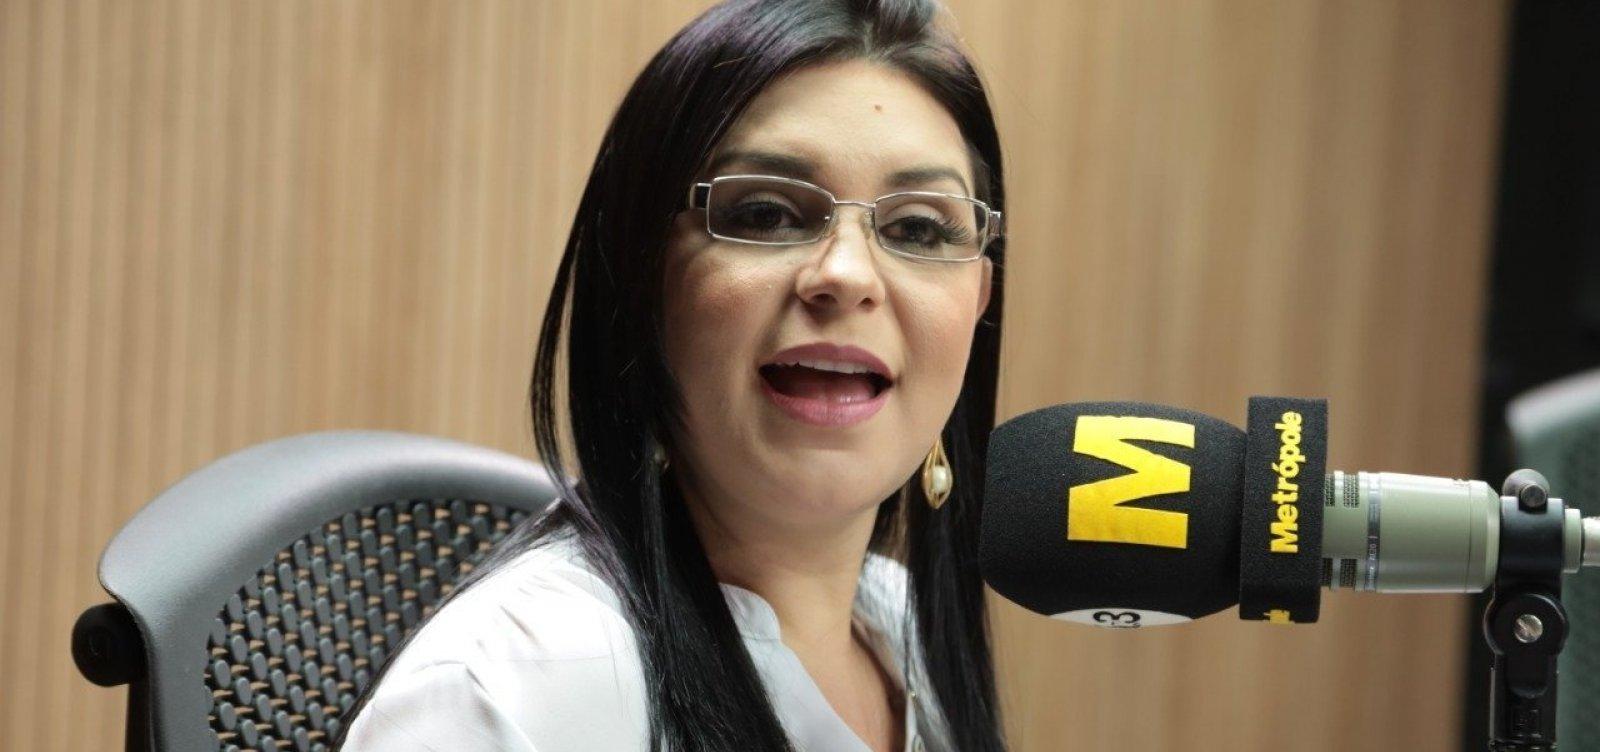 [Dayane critica decisão de Trump sobre tarifas: 'Brasil não é o bobo da corte mundial']